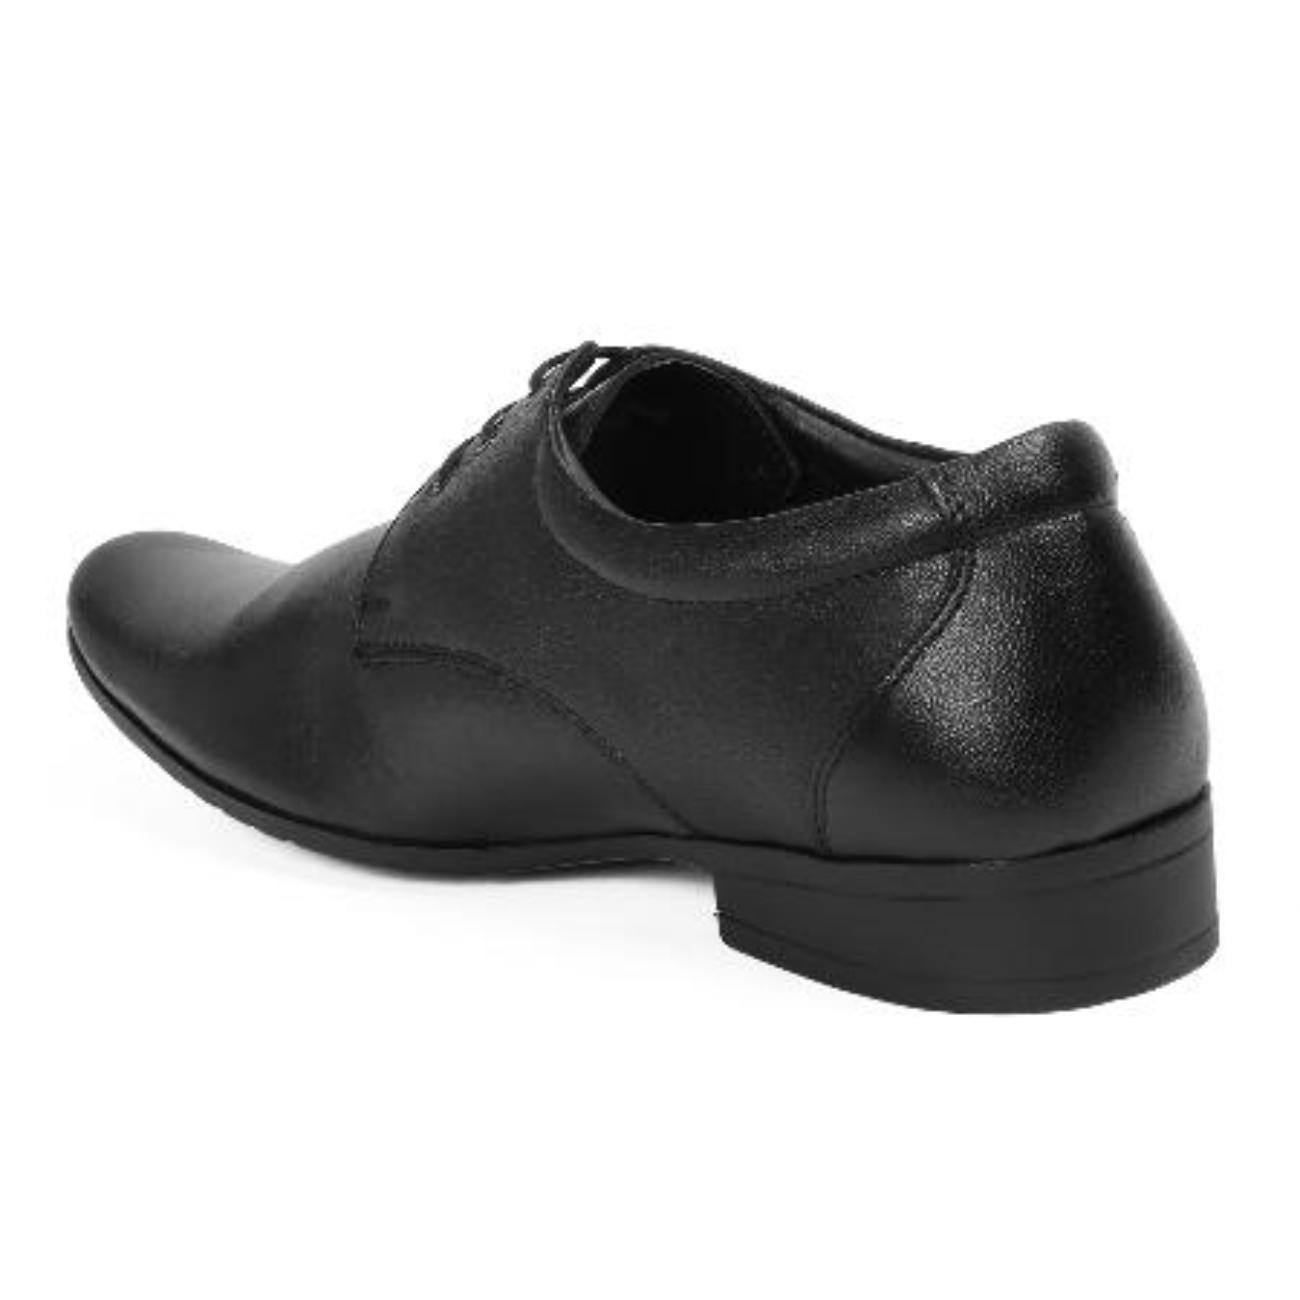 black formal shoes online